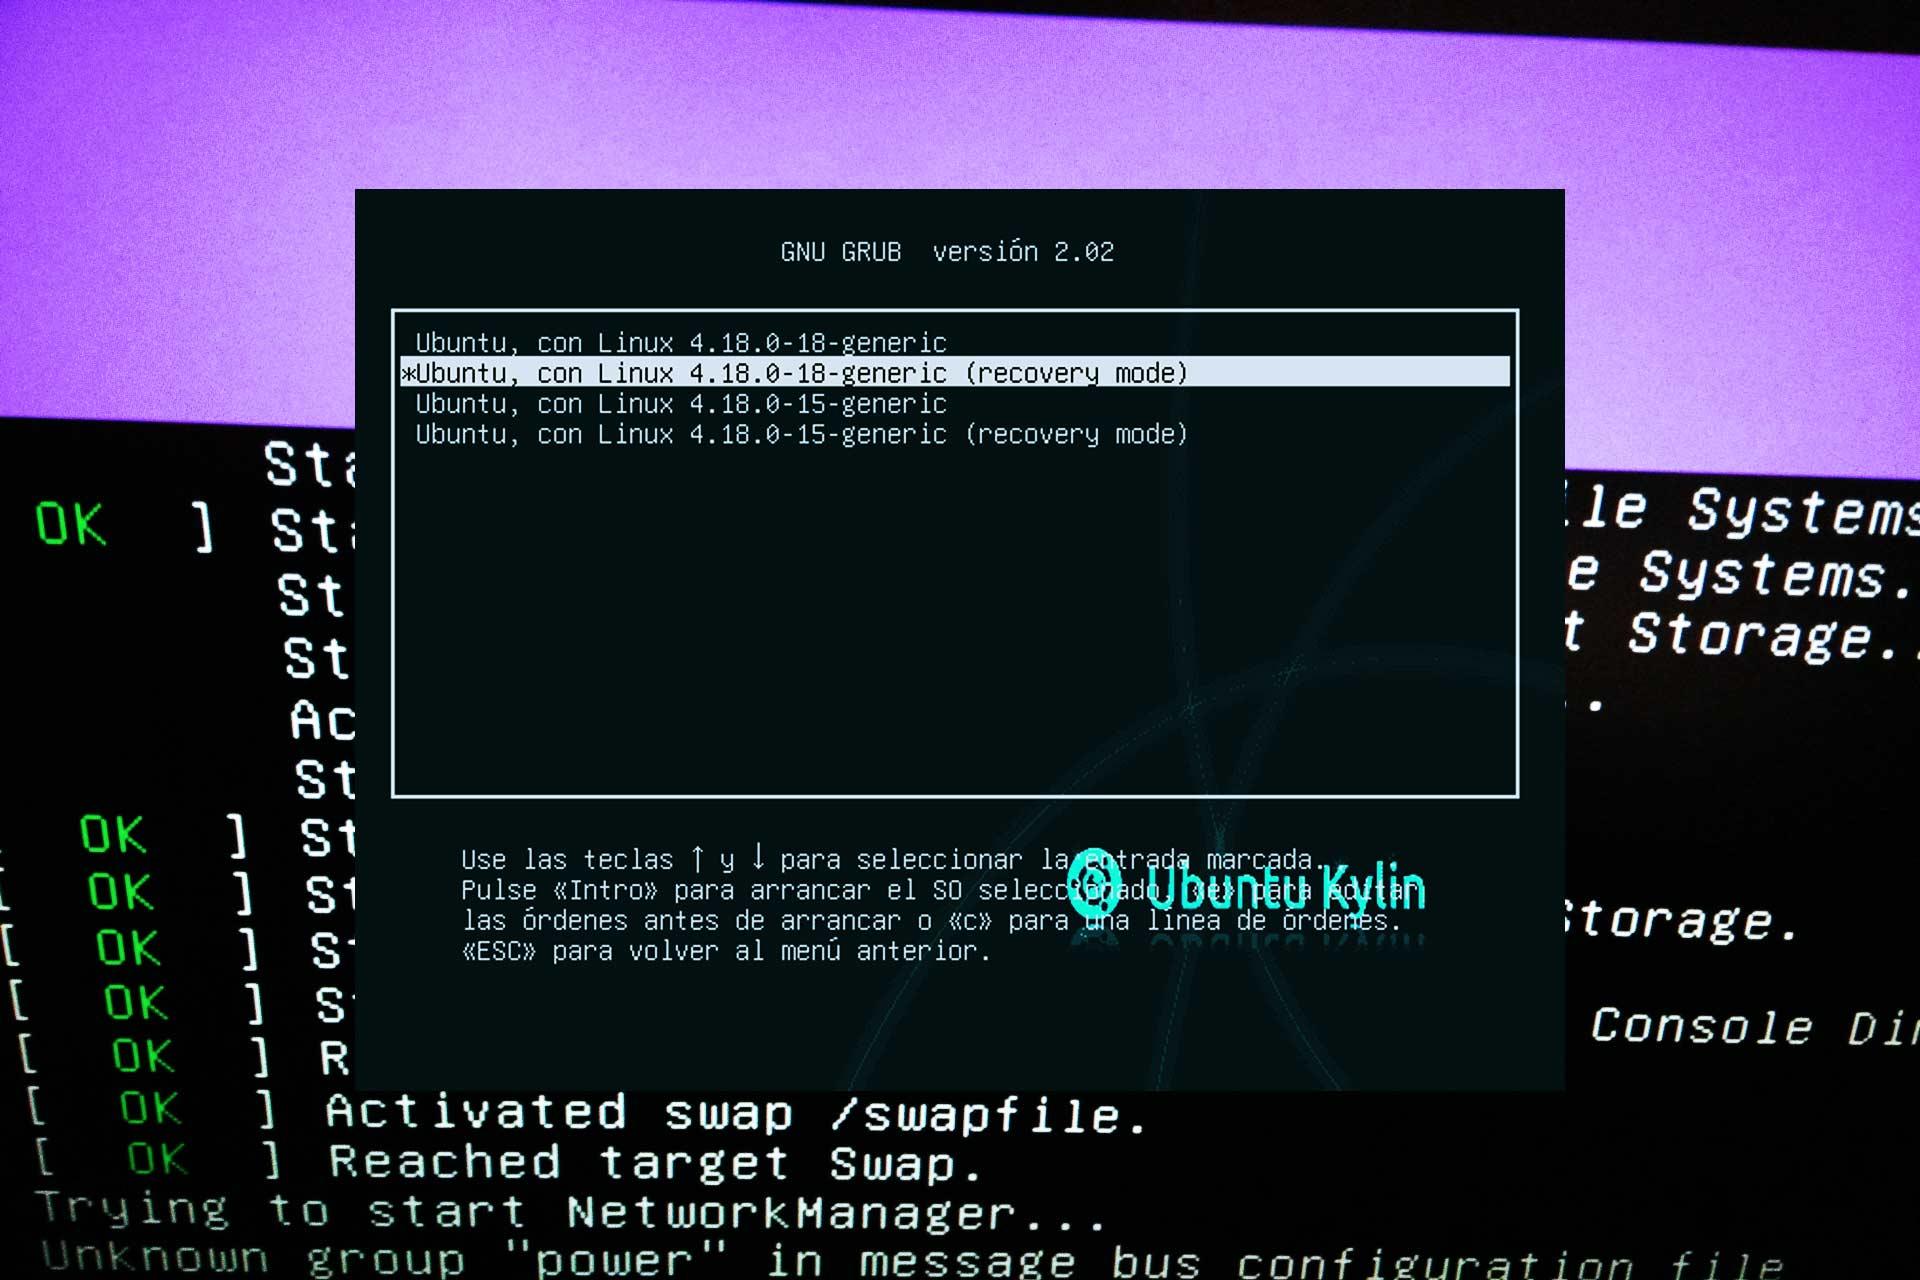 Cómo usar el Modo Recovery en Ubuntu